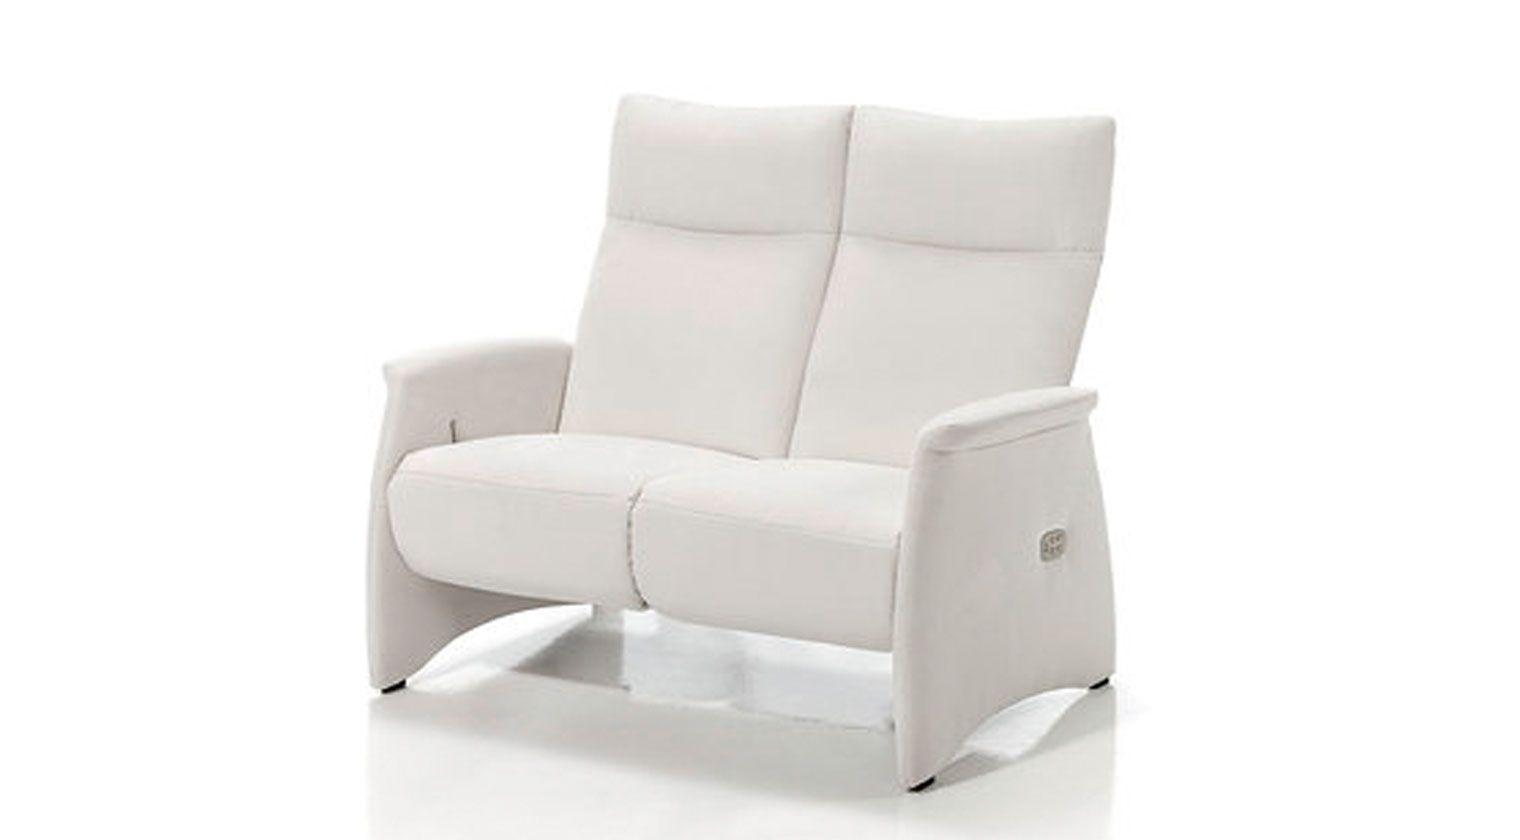 Comprar sof relax mediterr nea mod 3 5 plazas relax for Sofas relax 3 plazas baratos